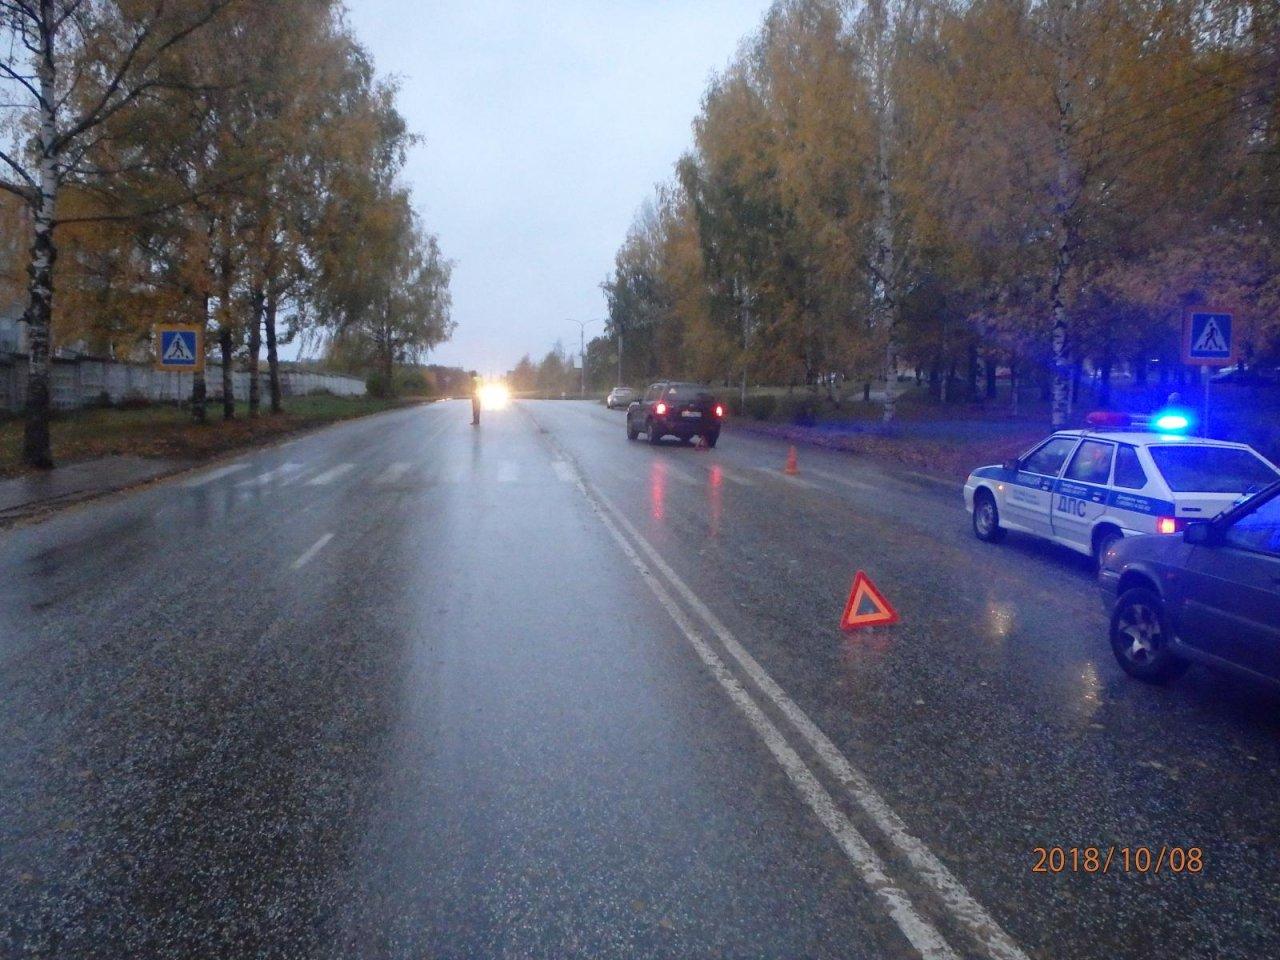 На Ленина иномарка сбила женщину с ребенком: появились подробности ДТП